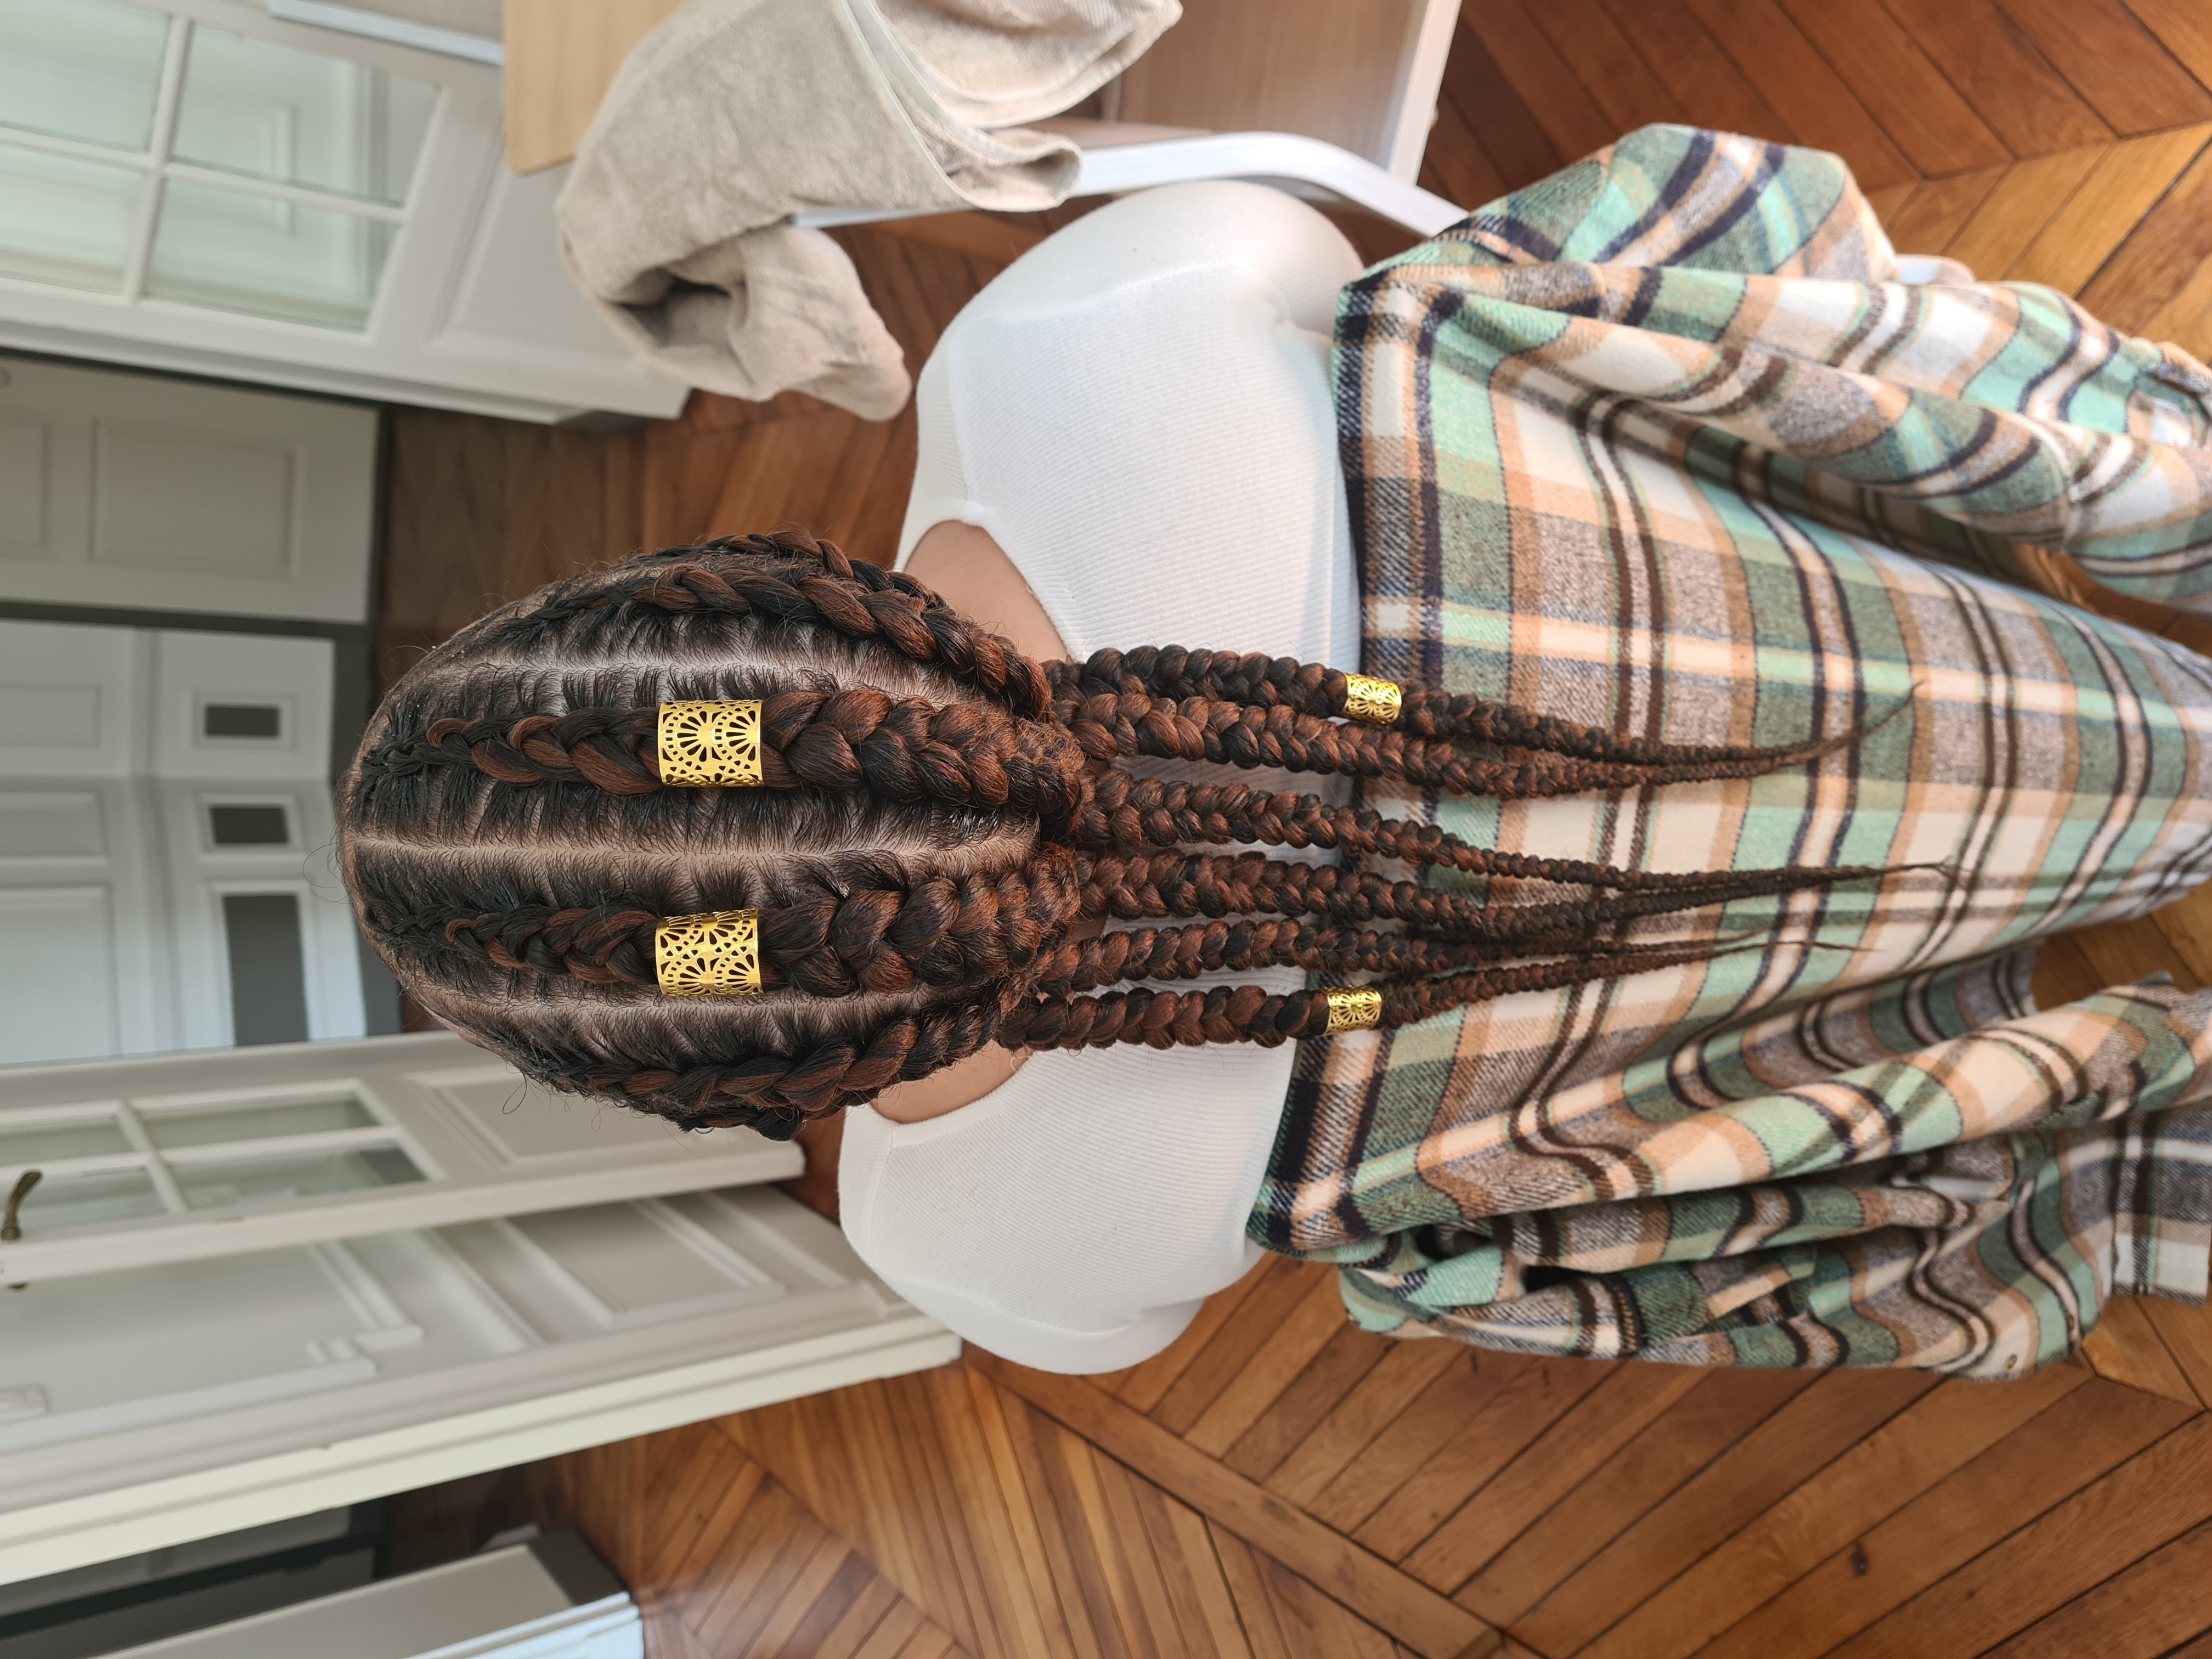 salon de coiffure afro tresse tresses box braids crochet braids vanilles tissages paris 75 77 78 91 92 93 94 95 QSGDAUQG